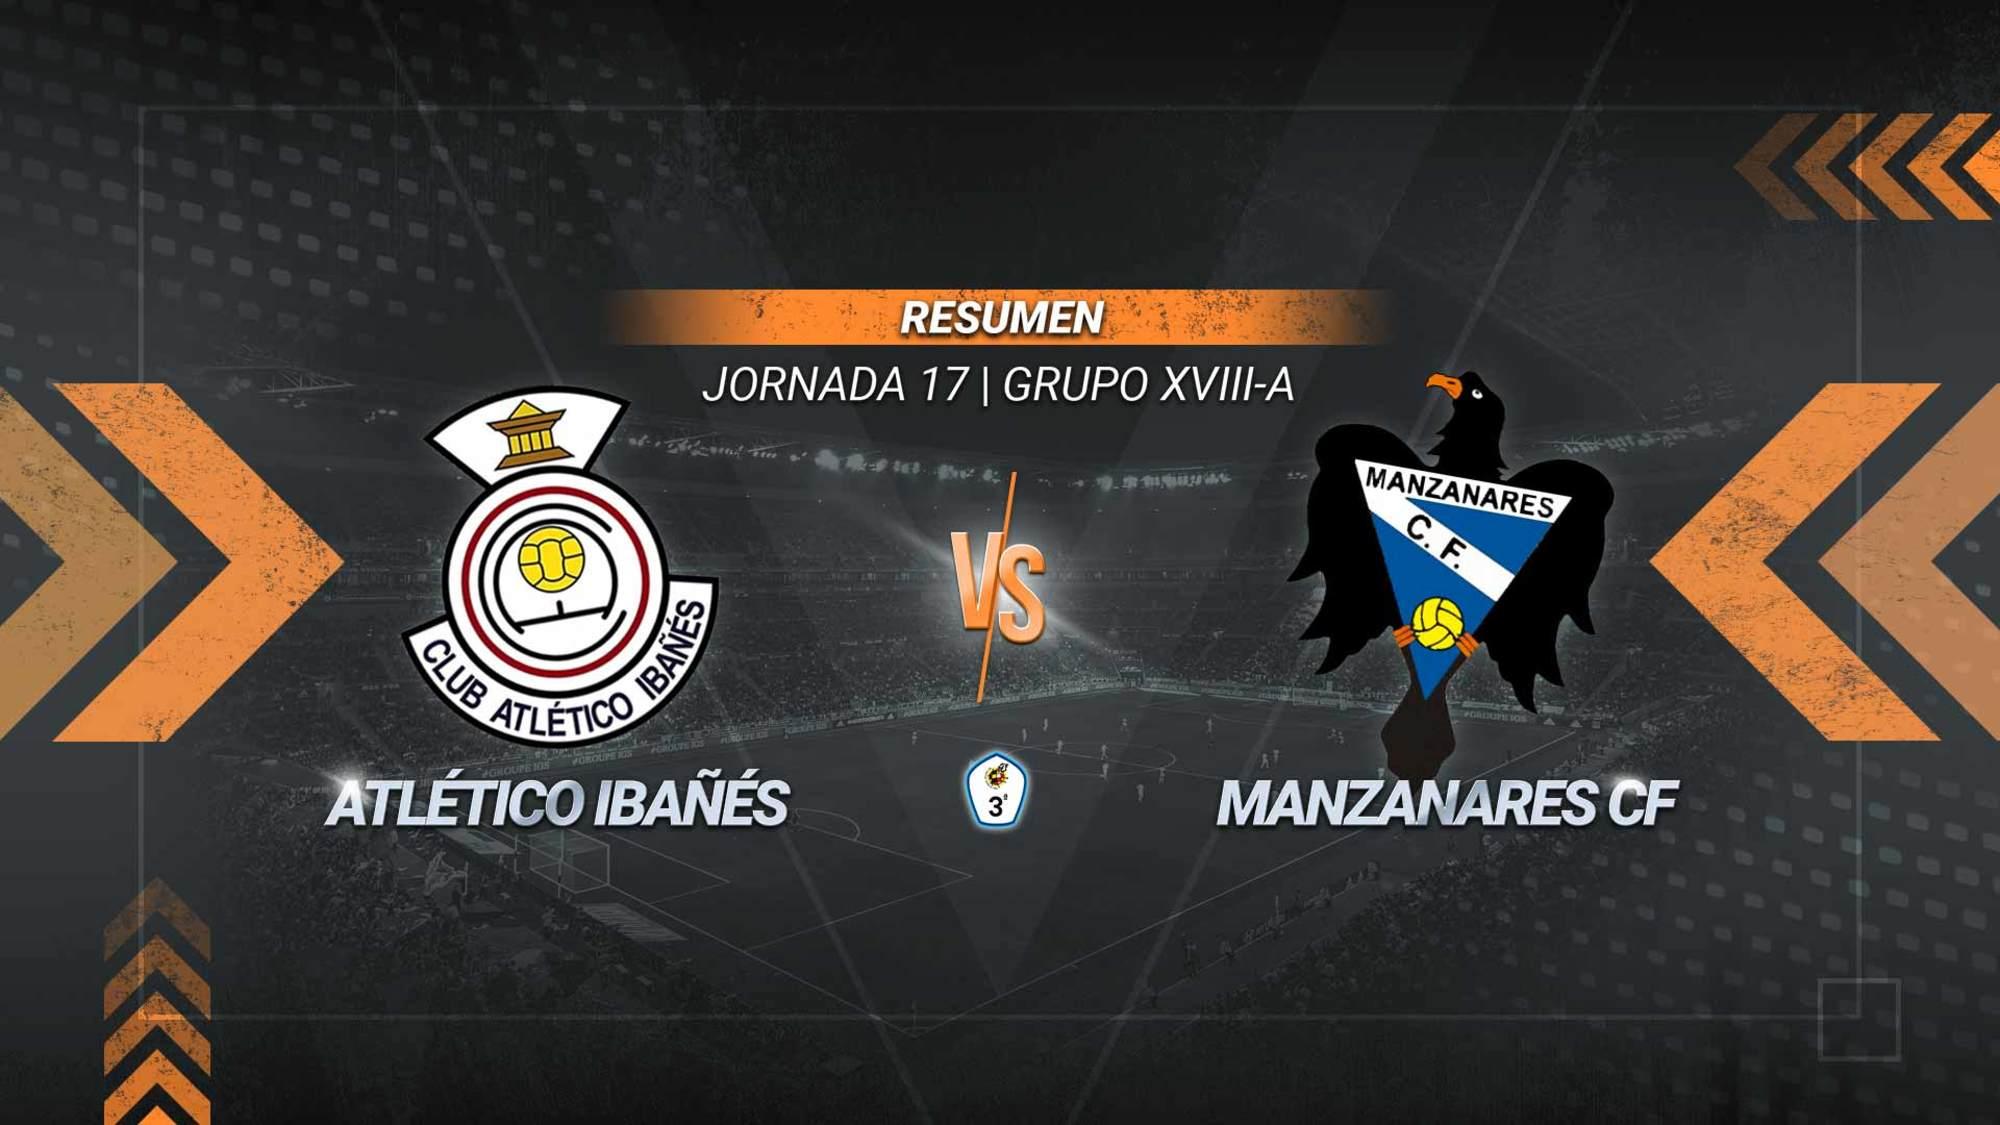 Atlético Ibañés y Manzanares empatan en un duelo directo por la salvación. Se adelantaron los manzanareños gracias a un gol de Othmane y empató el cuadro de Casas Ibáñez por mediación de Mondi.